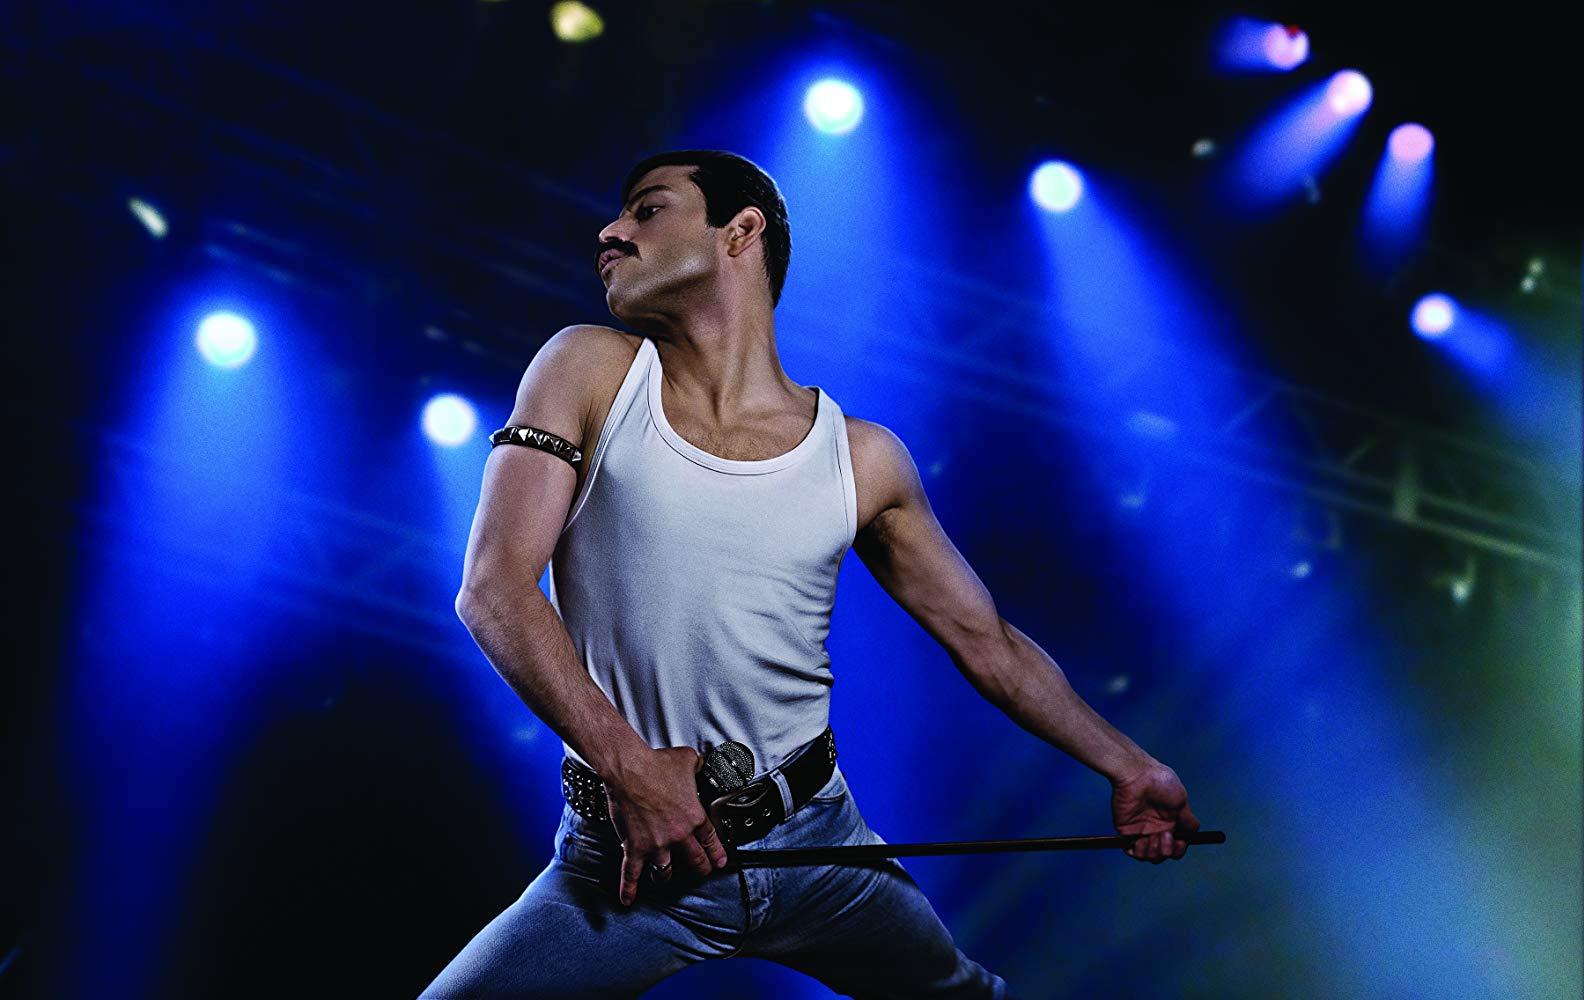 Rumour: Bohemian Rhapsody sequel in development